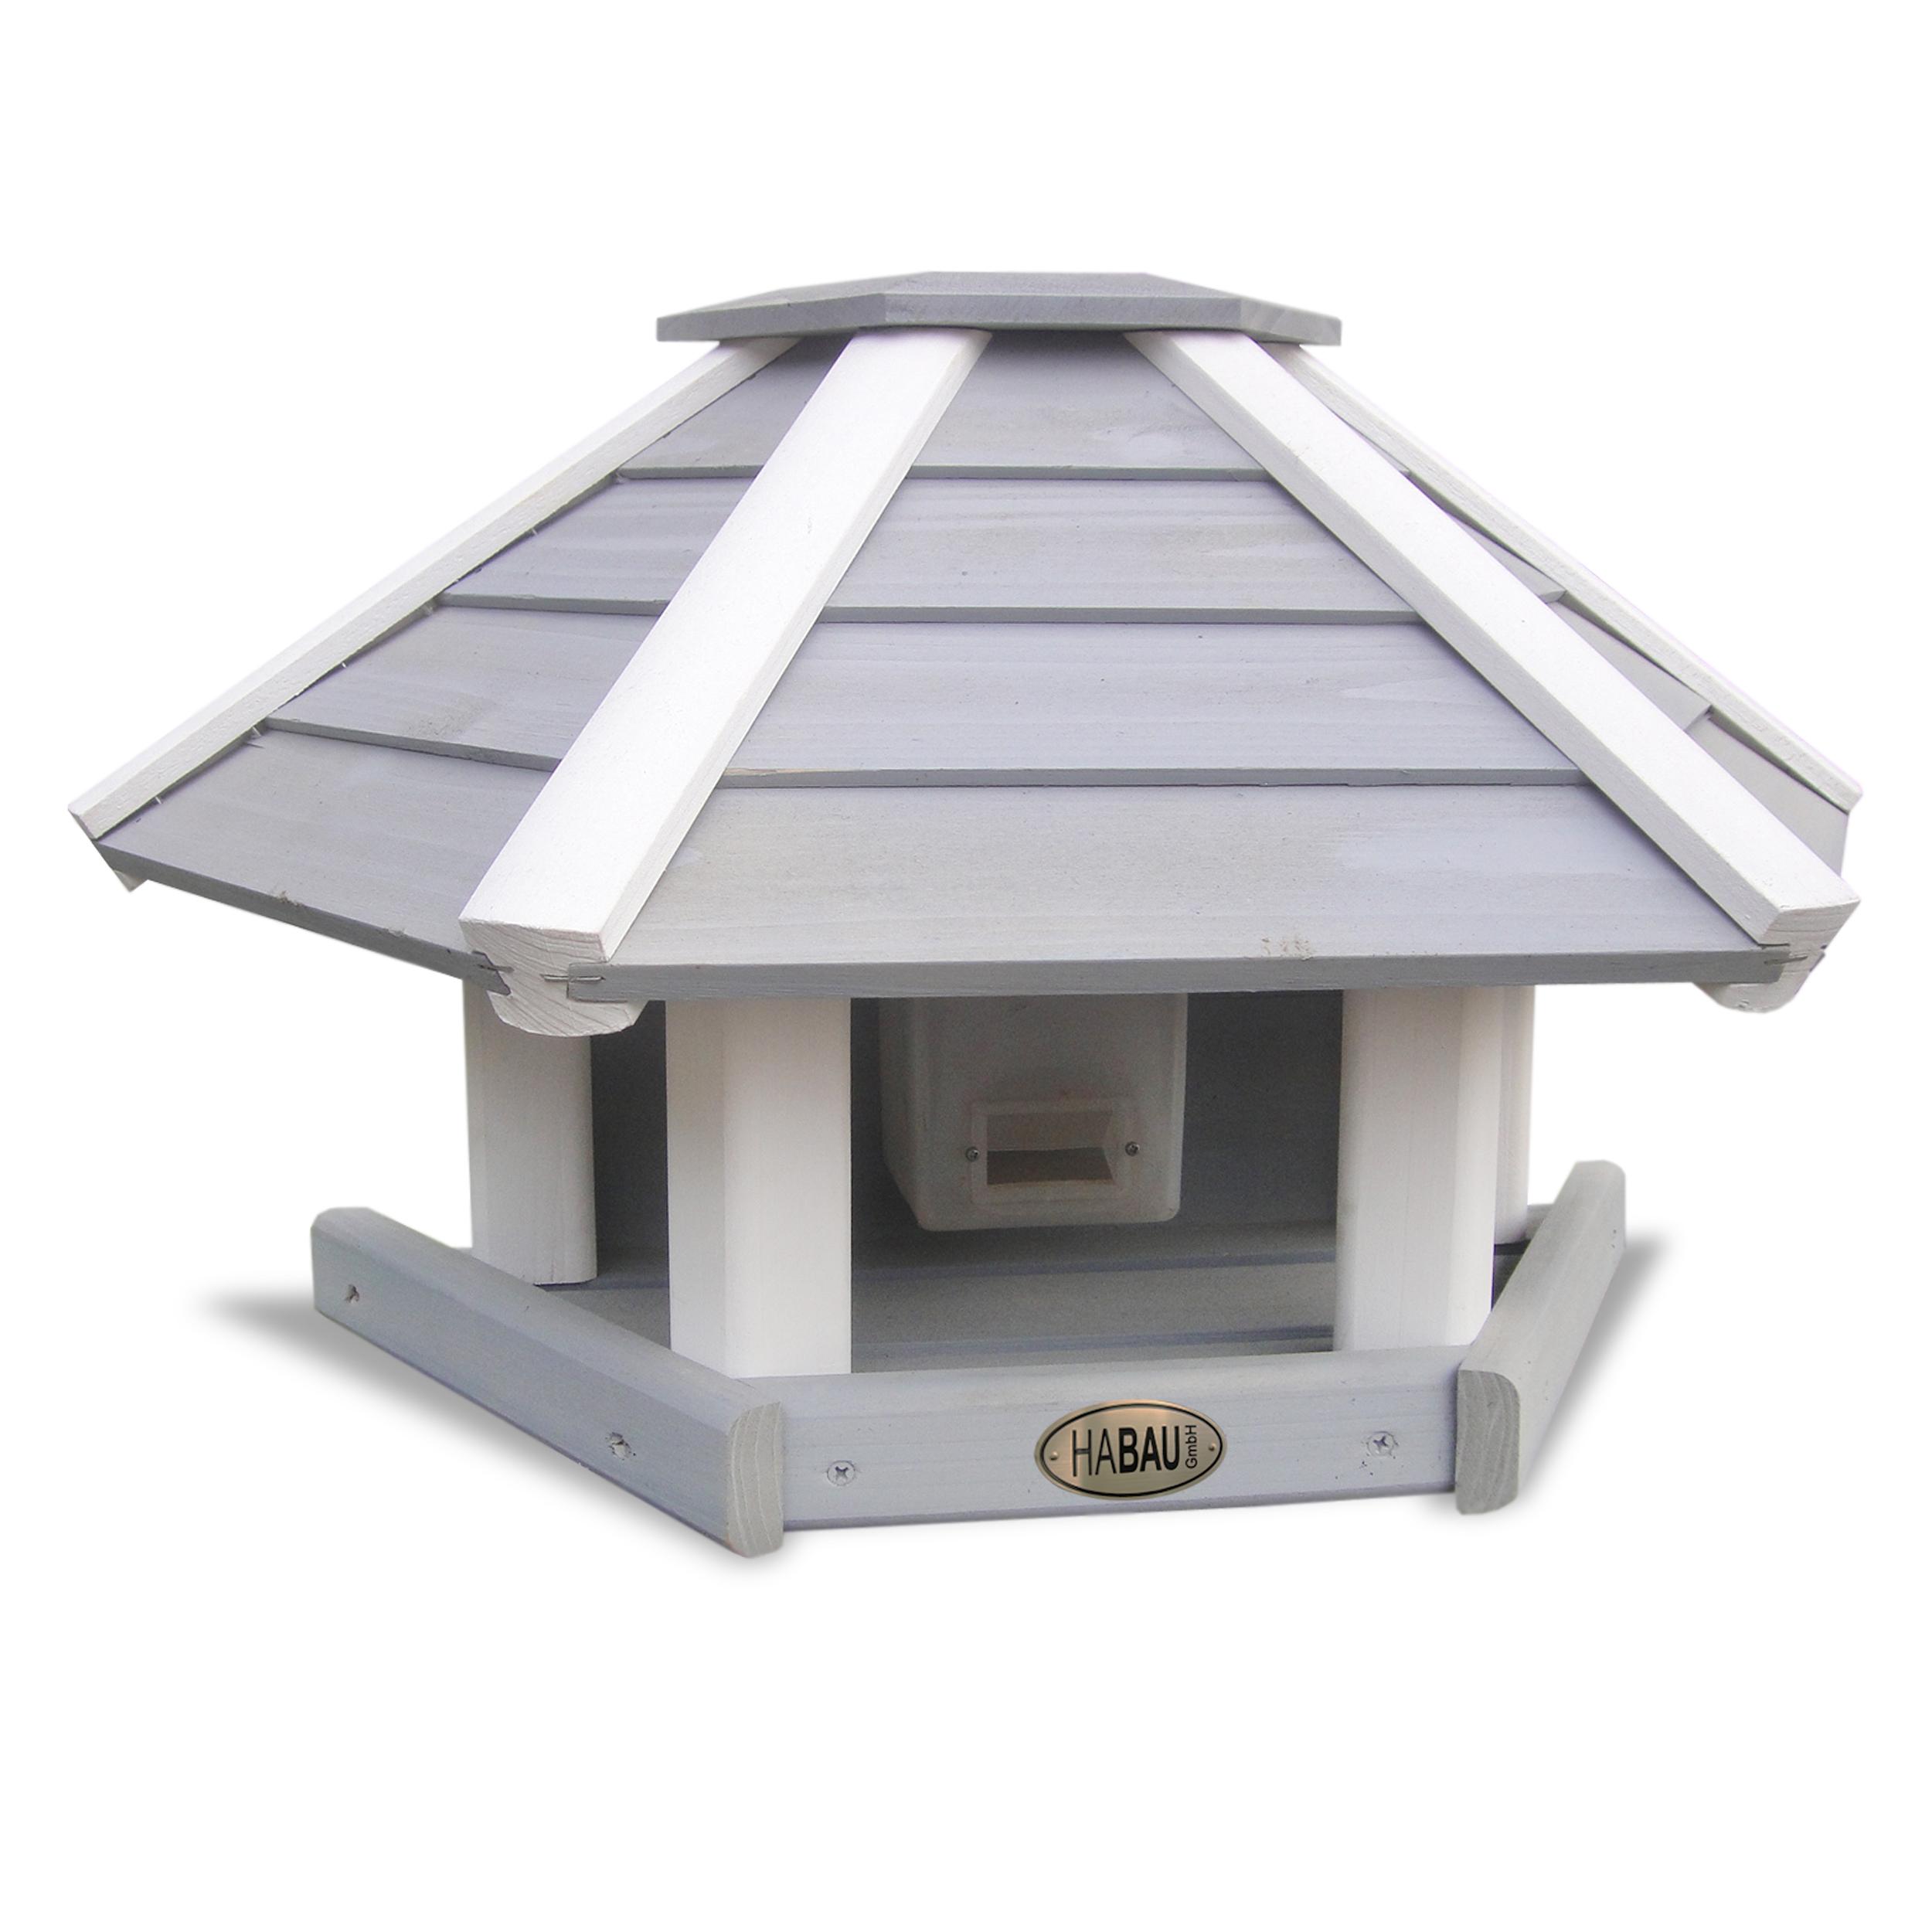 HABAU Vogelhaus Wandhänger - grau-weiß - 2517